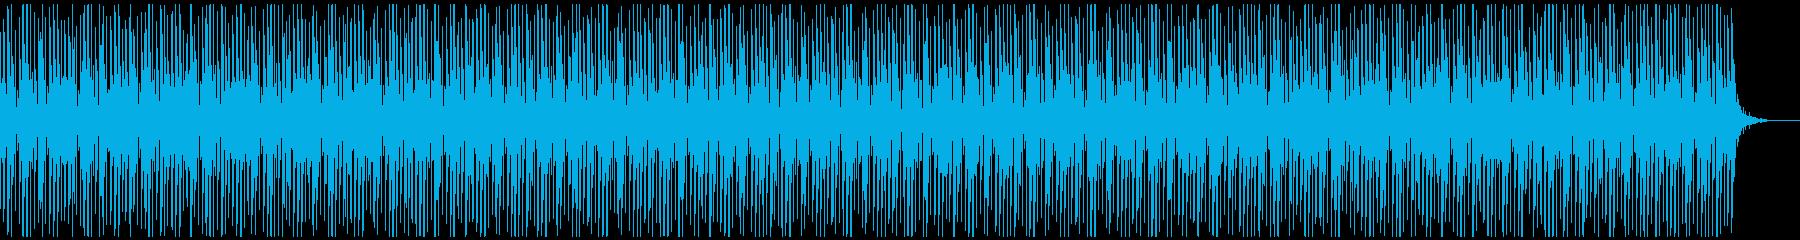 [ニュース報道]無機質:フラット:10の再生済みの波形